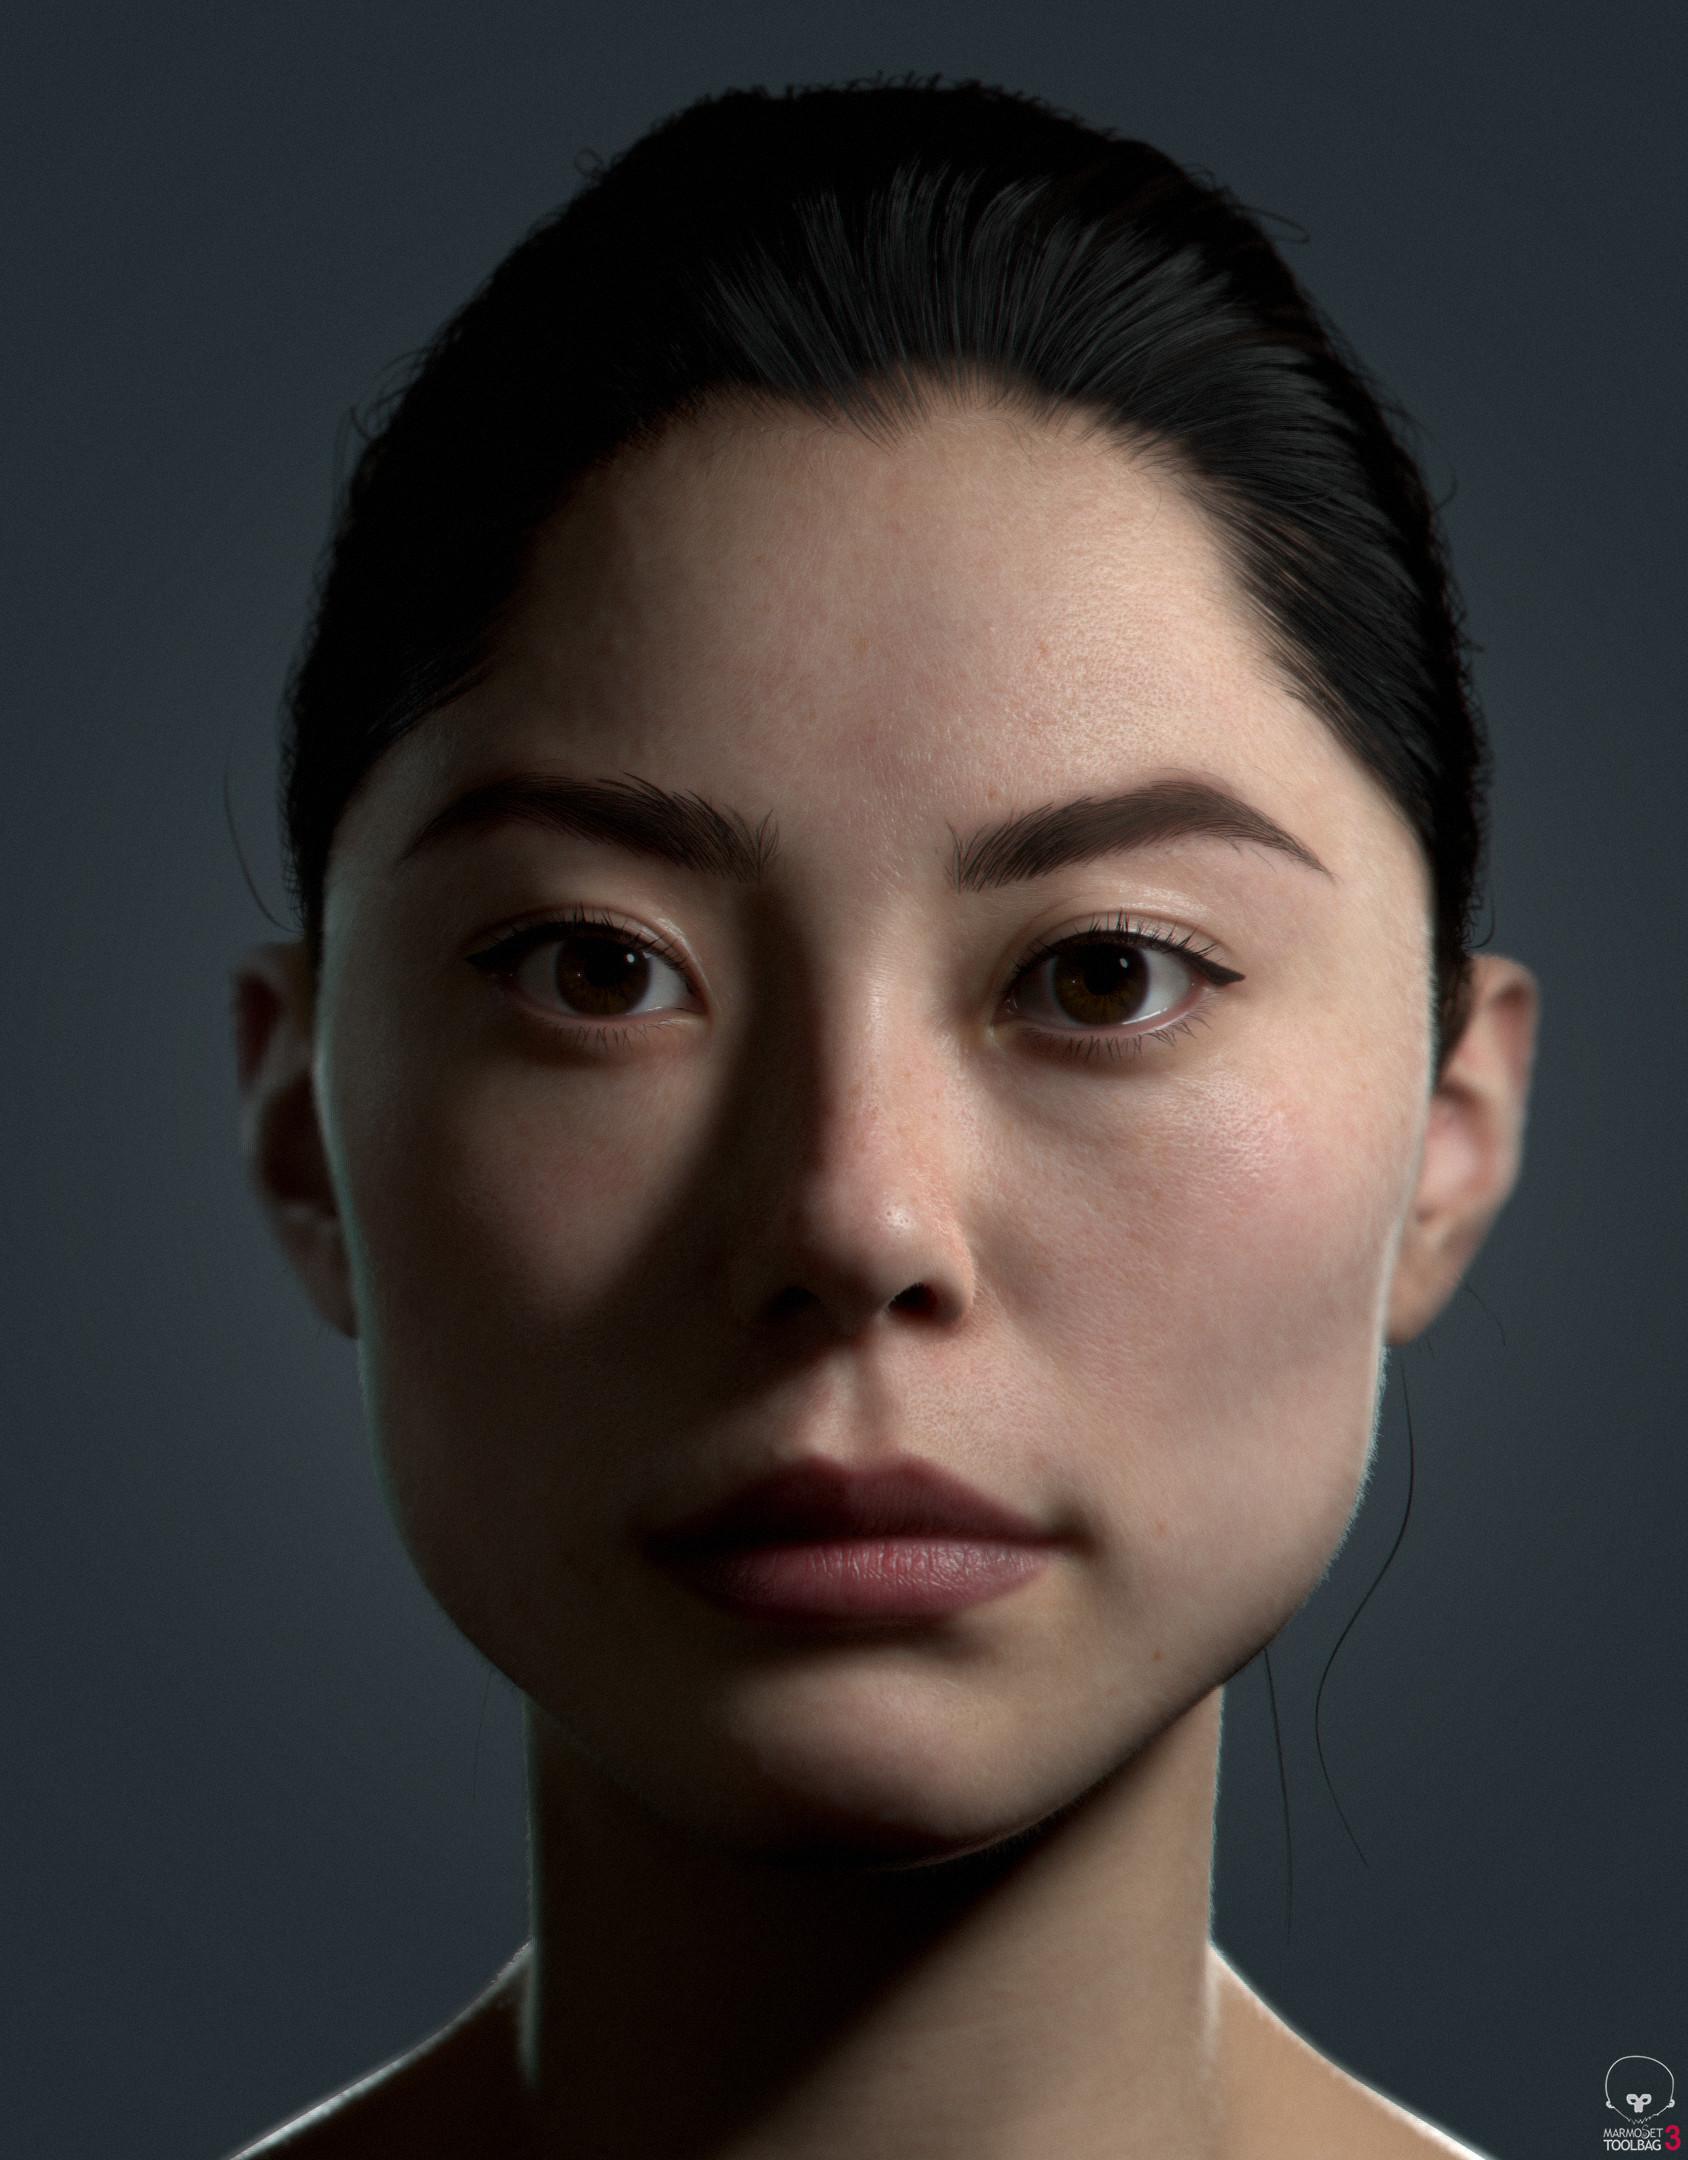 Реалистичная 3D визуализация портрета девушки